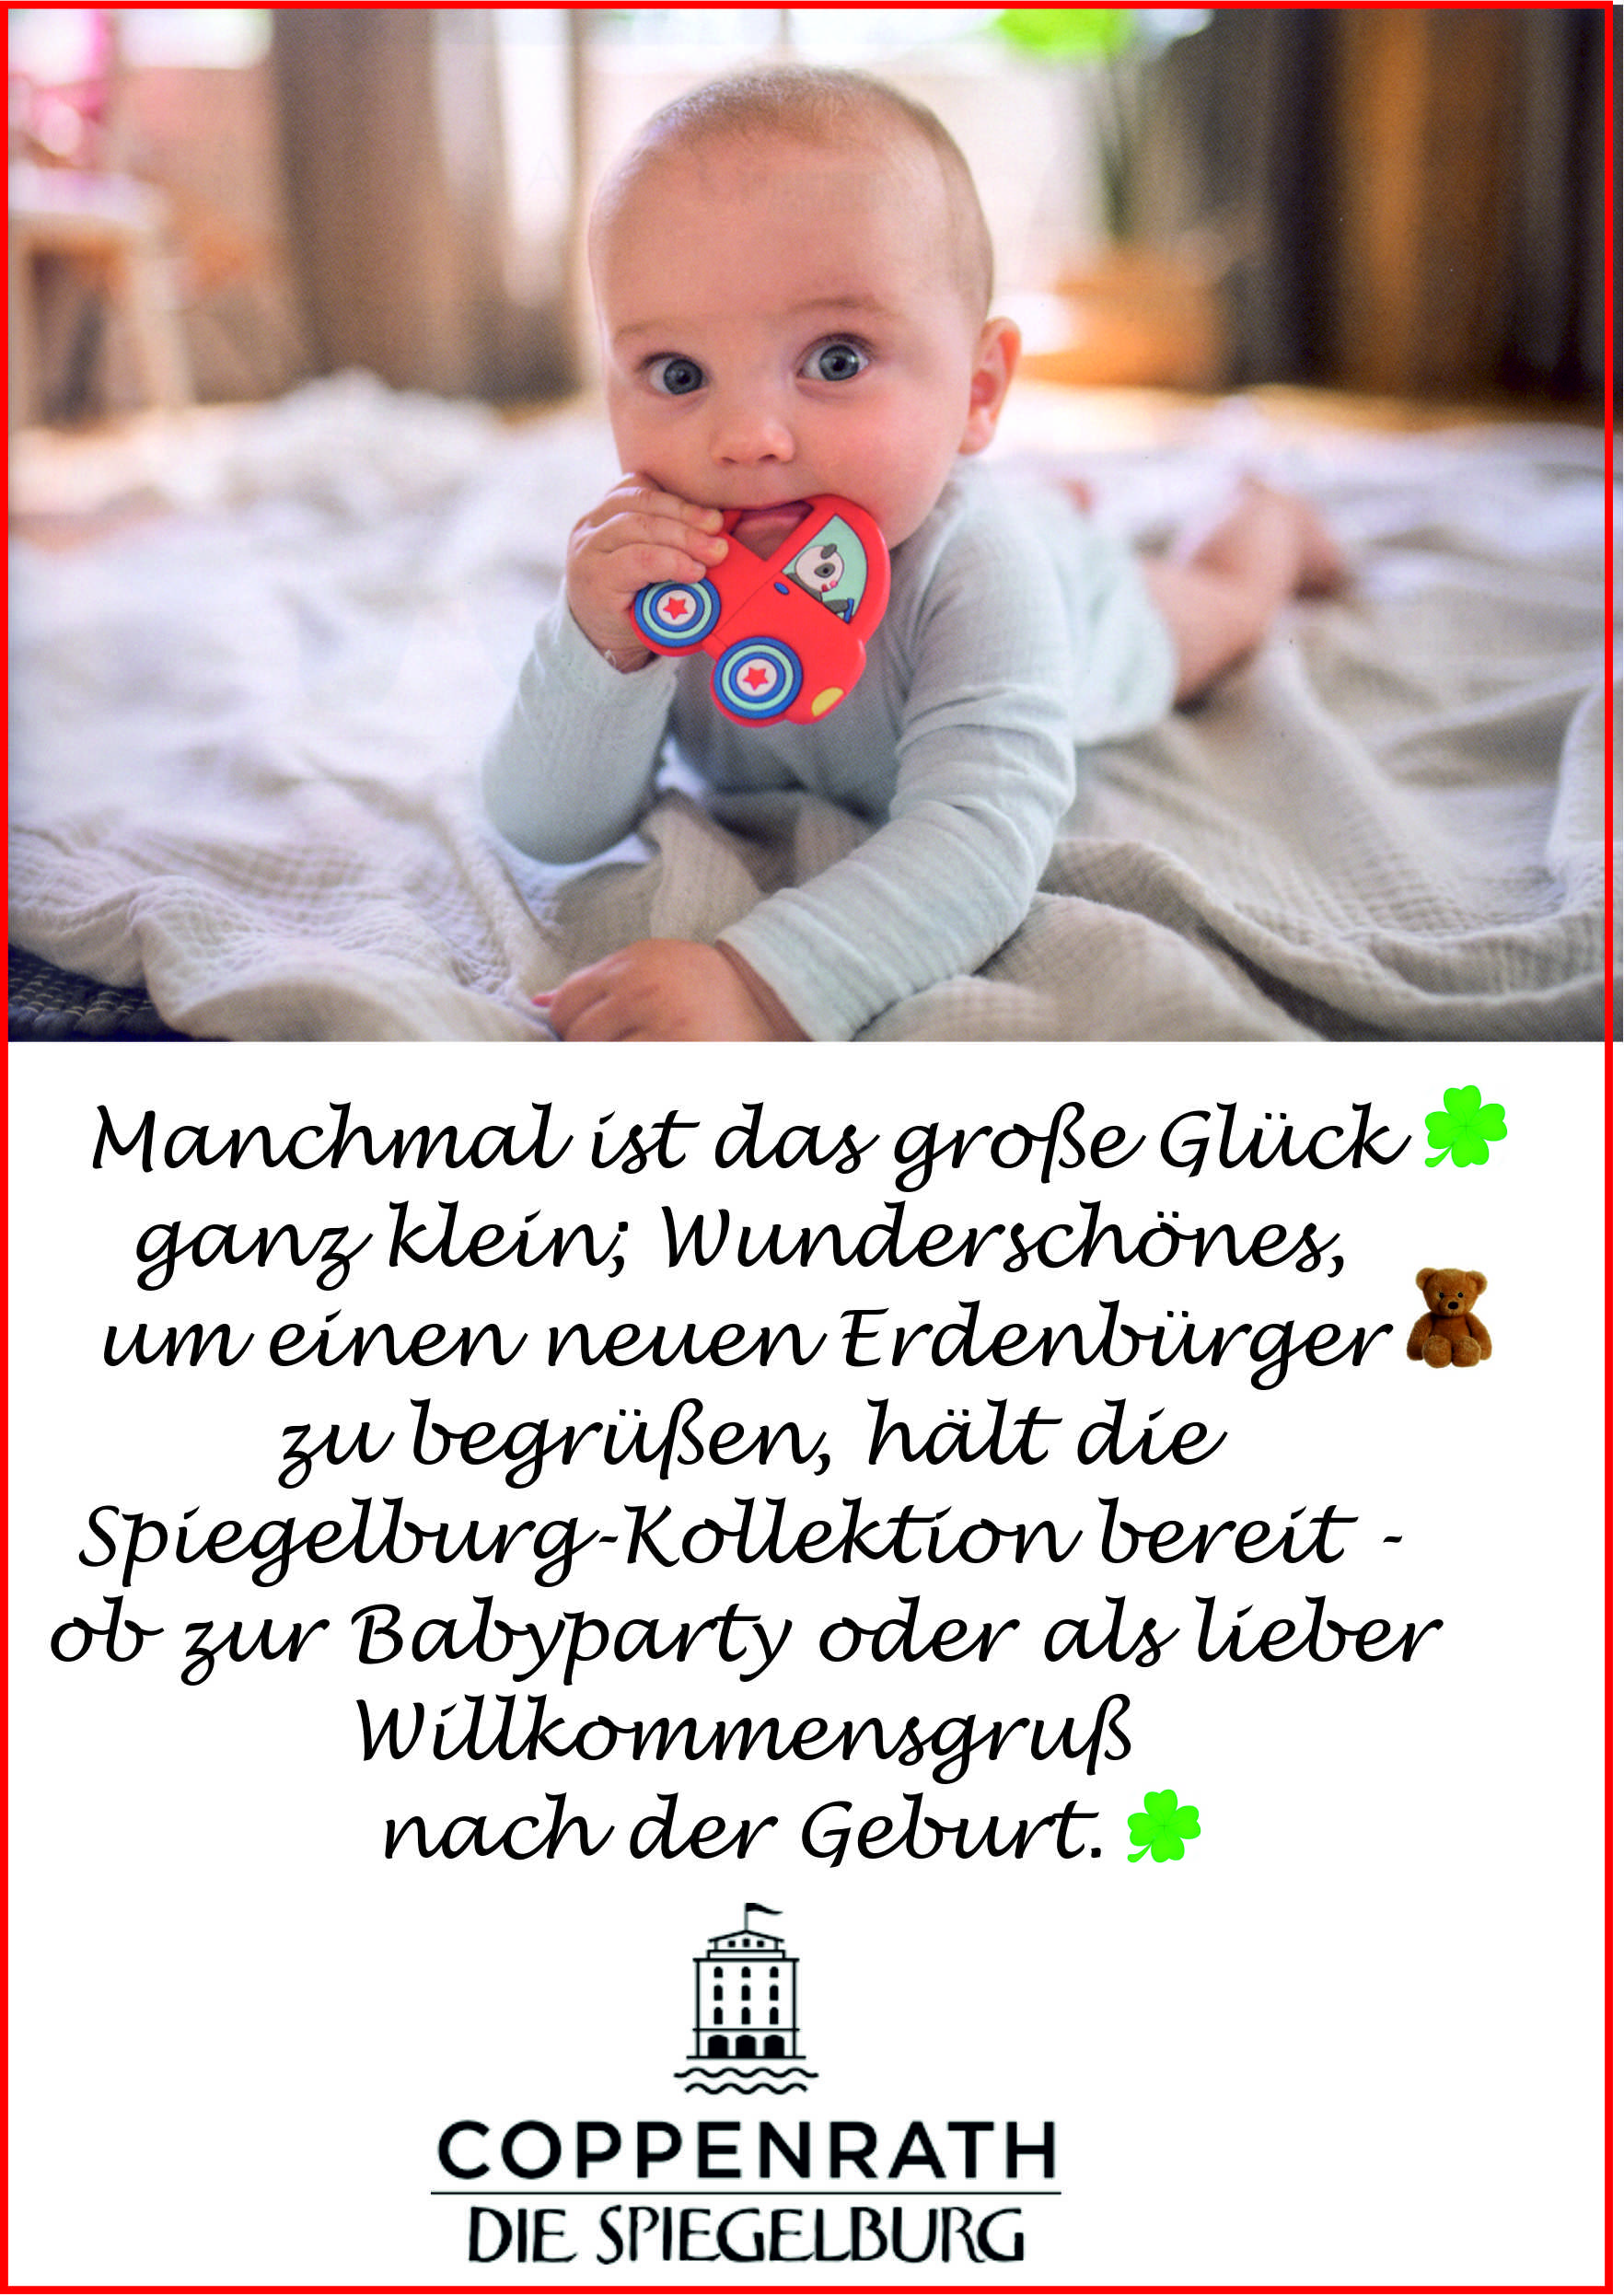 Coppenrath Die Spieleburg Babyparty Lathen